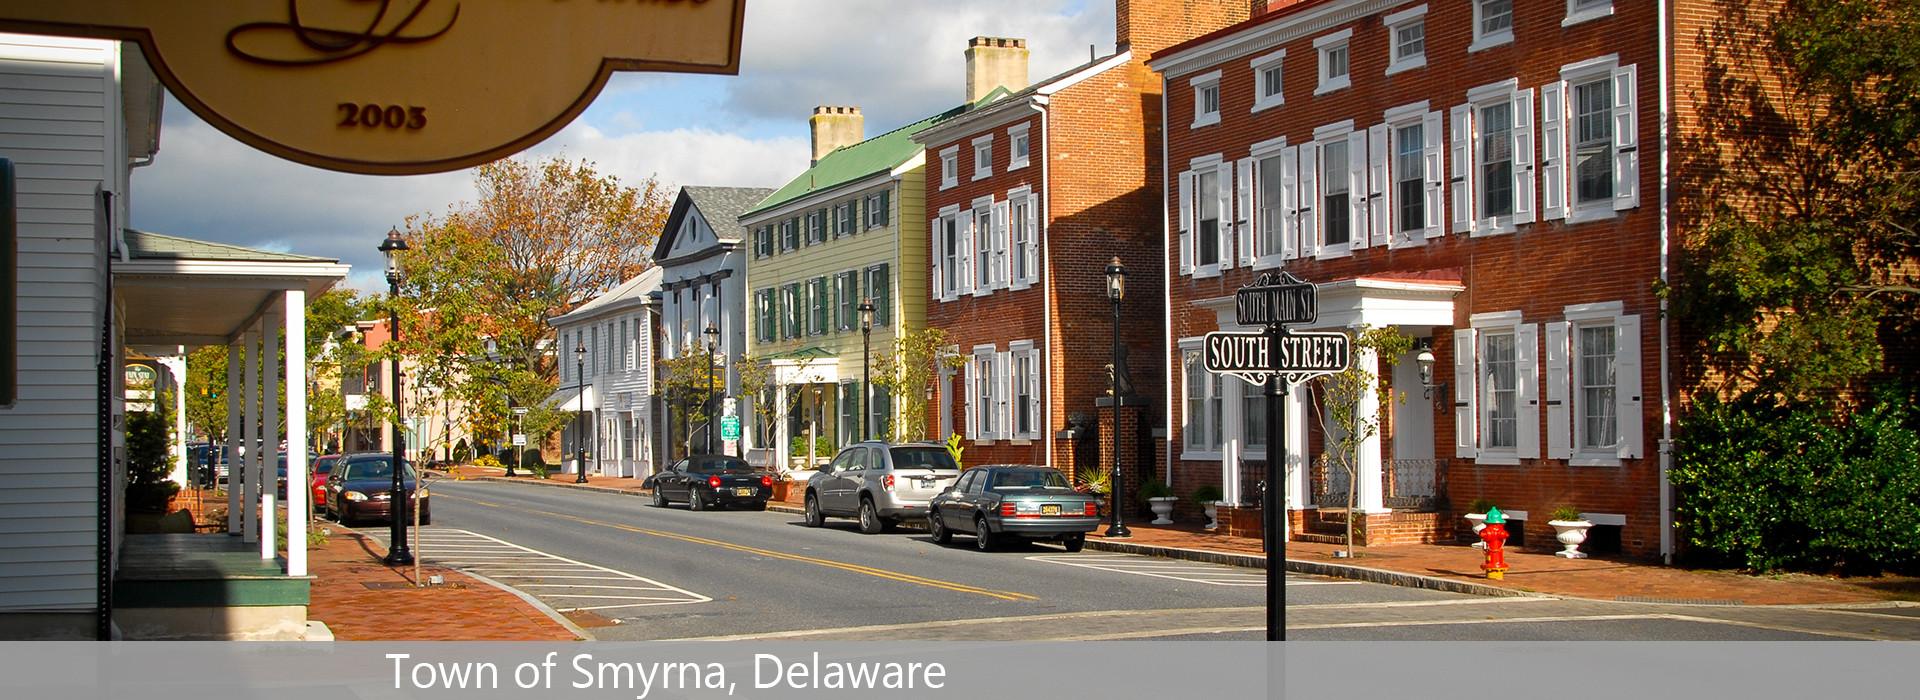 Smyrna Delaware Municipal Electric Corporation